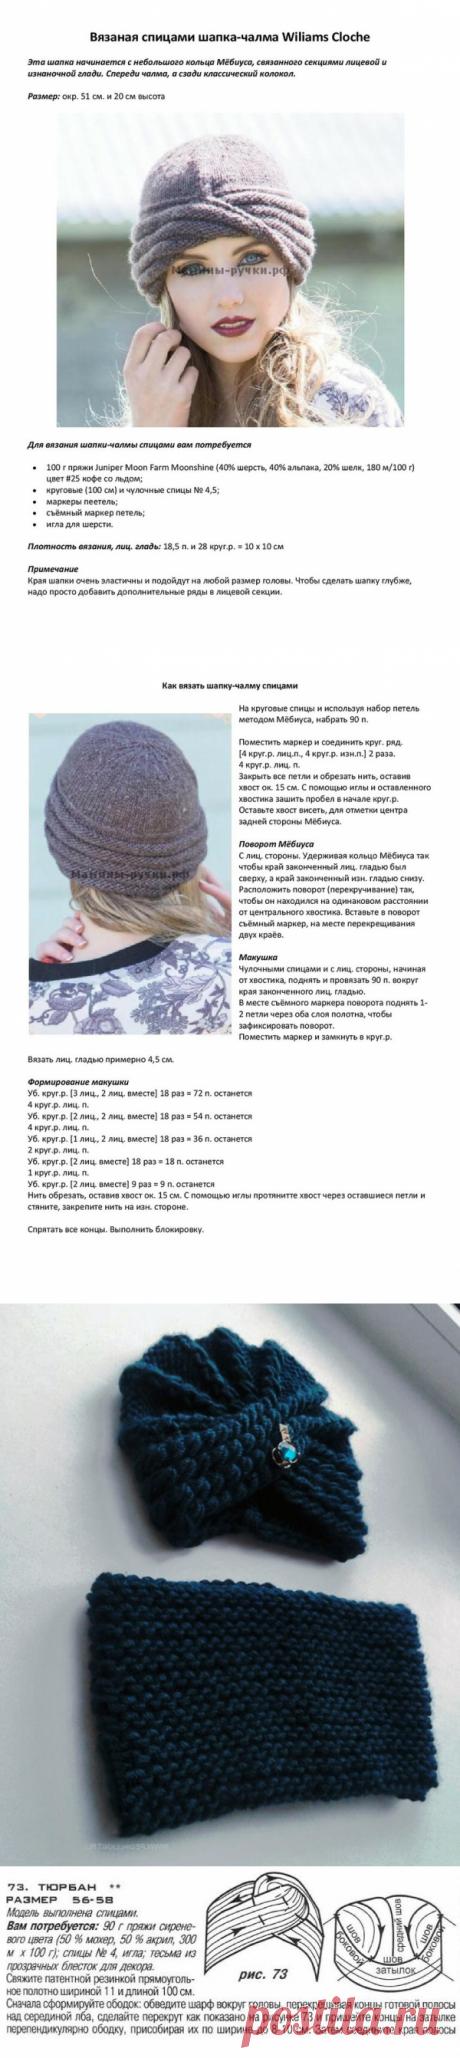 Подборка шапок ЧАЛМА ( описание и схемы) | Вяжем интересные проекты | Яндекс Дзен